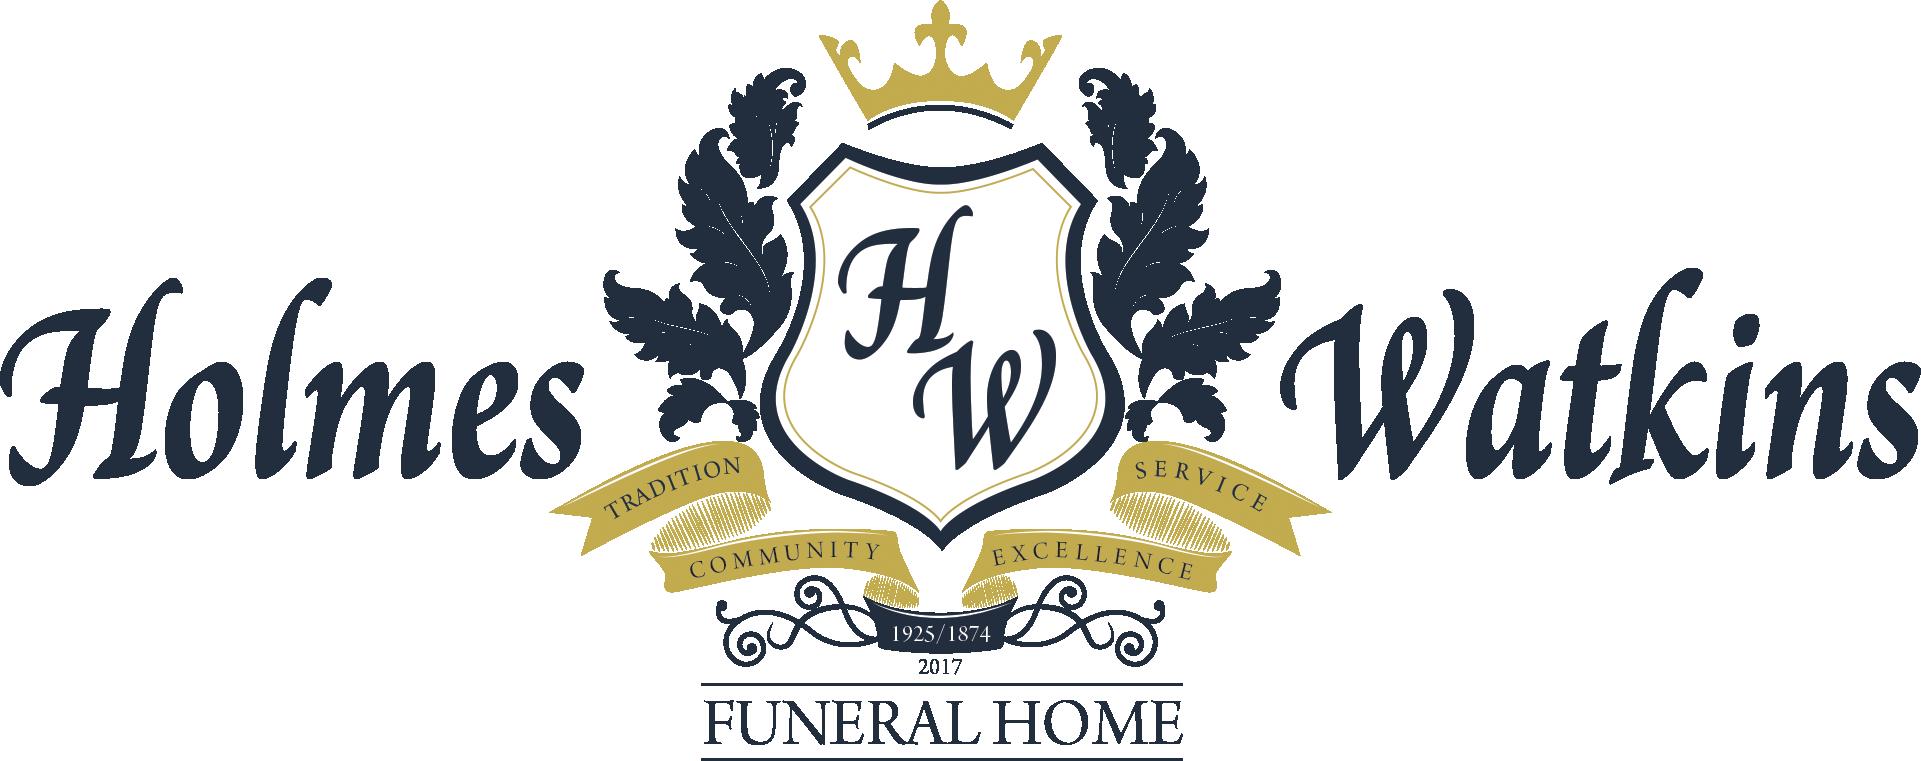 Holmes-Watkins Funeral Home